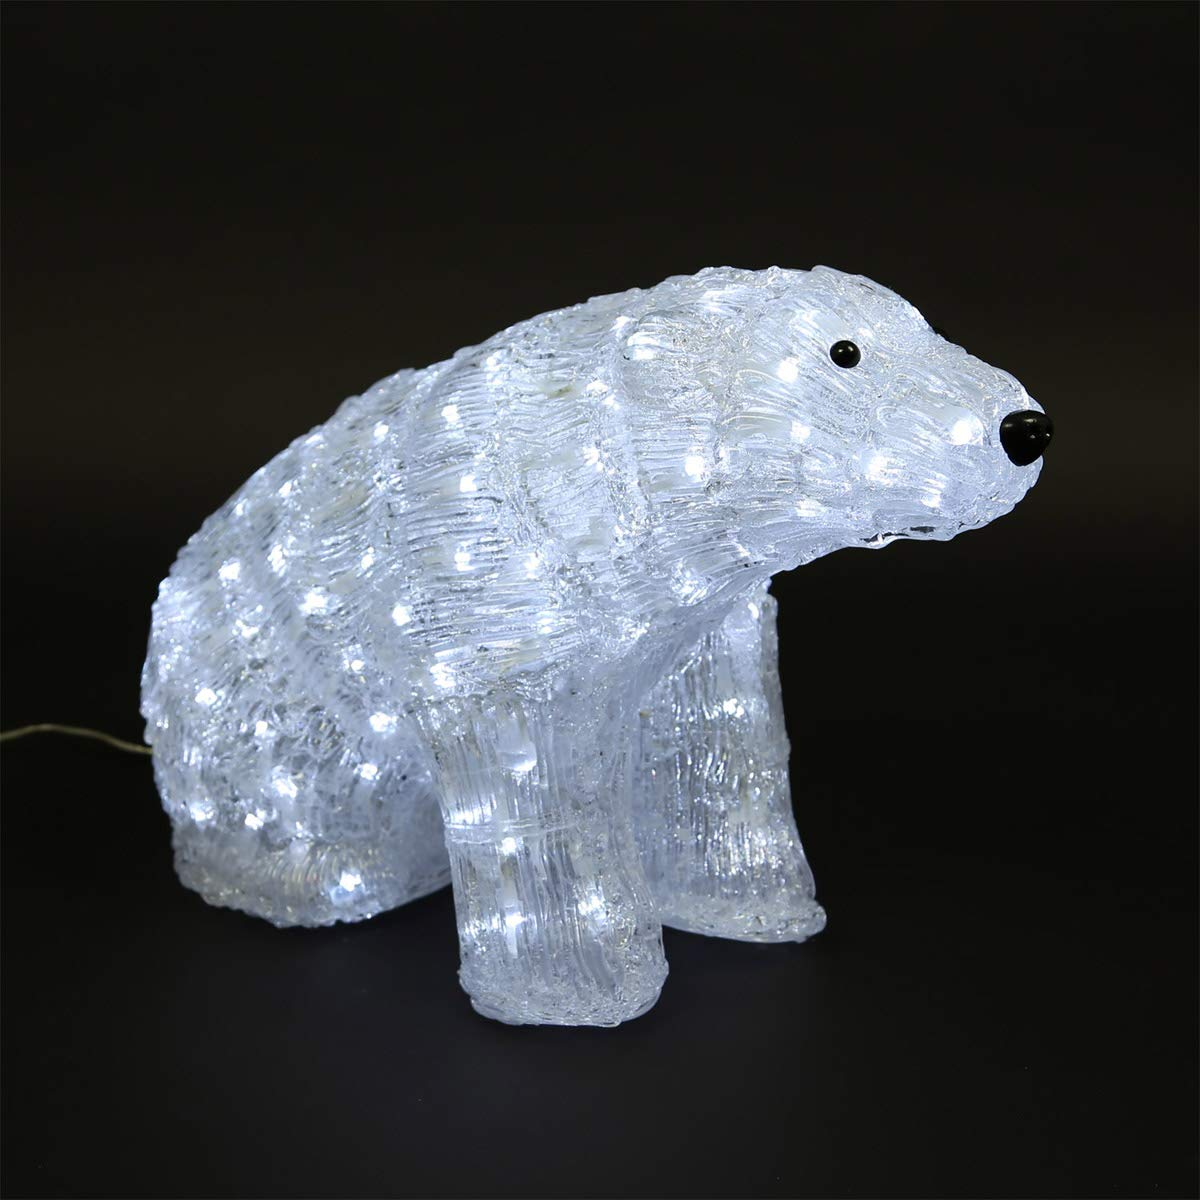 CLGarden LED Eisbär LEDB160 gross Acryl Bär Weihnachtsbeleuchtung mit Beleuchtung Weihnachts